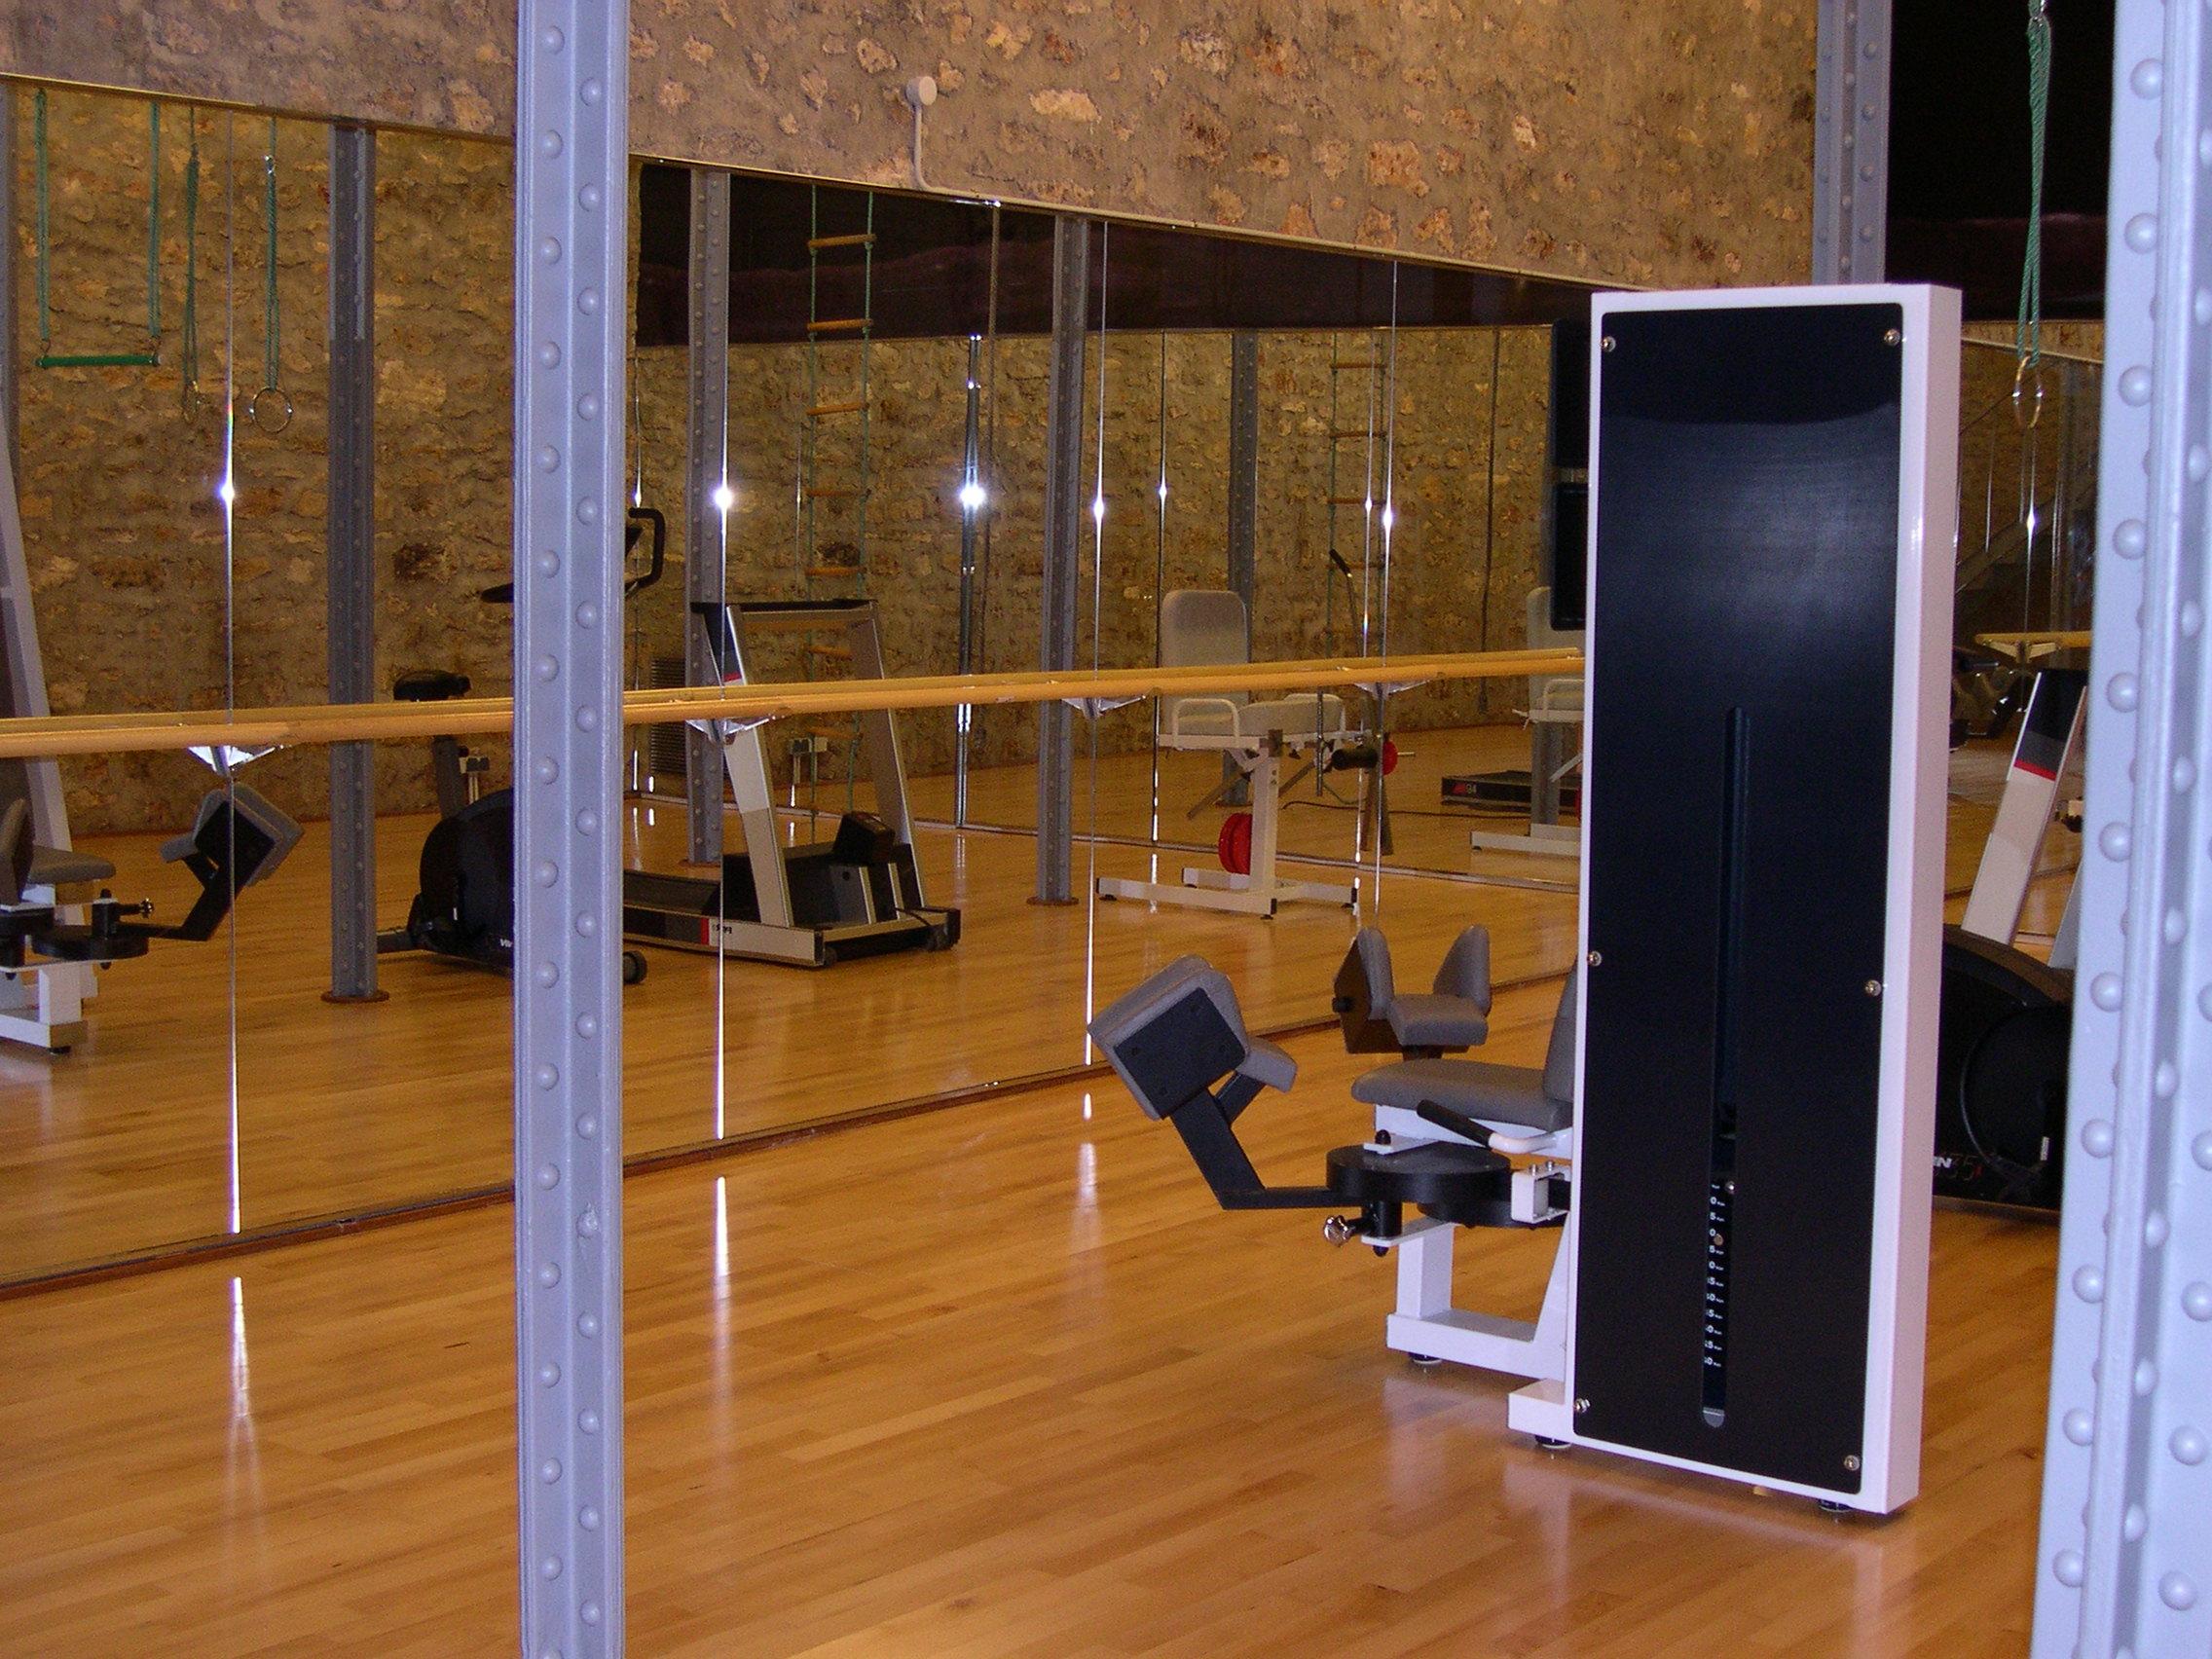 Miroiterie Clamart à miroiterie page miroirs carrousel2 démultiplier l'espace - vitreclair